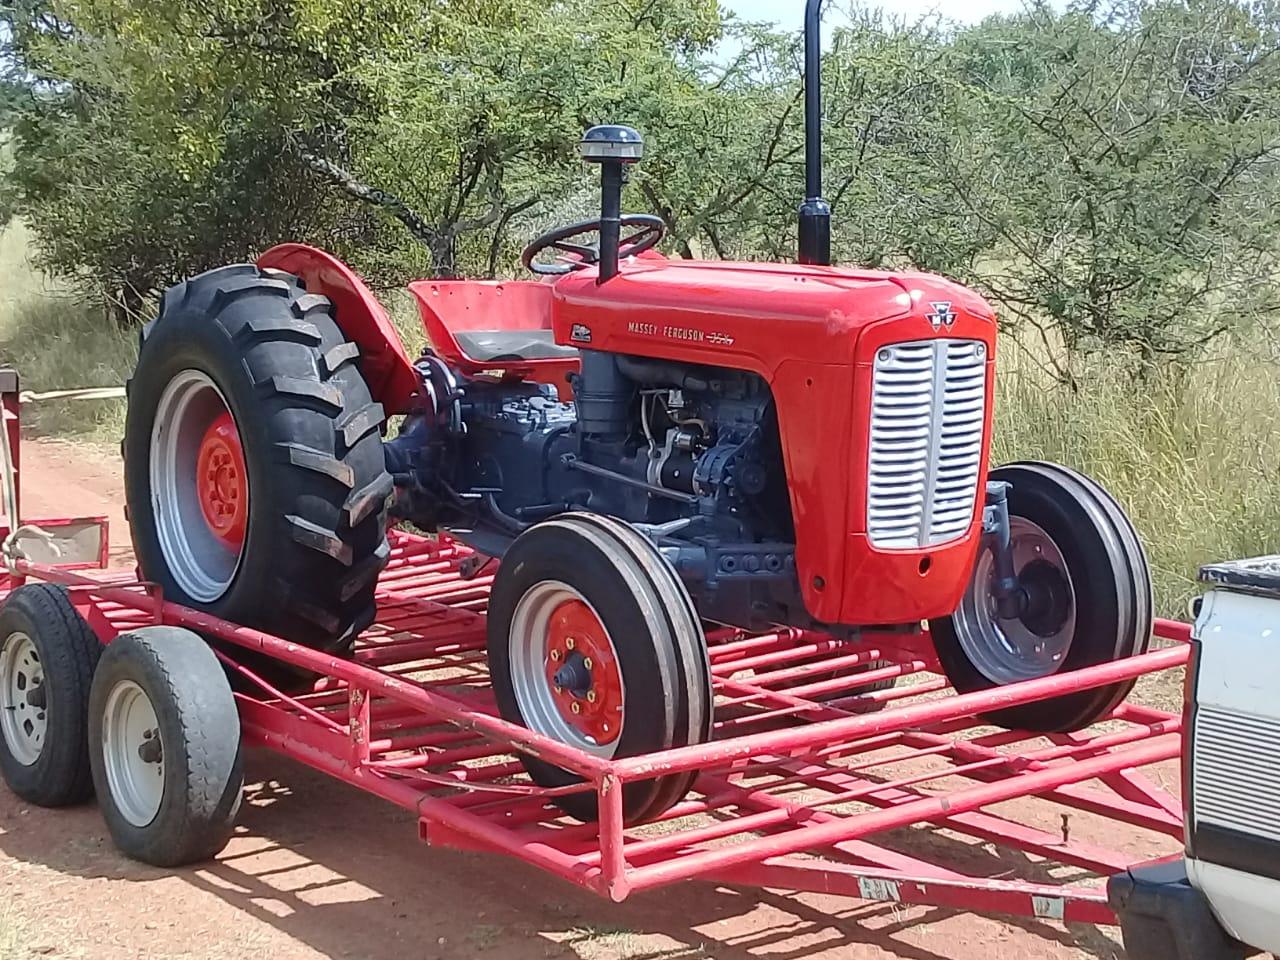 Massey Ferguson (MF) 35x Diesel 44.5Hp / 33.2Kw 4X2 Pre-Owned Tractor